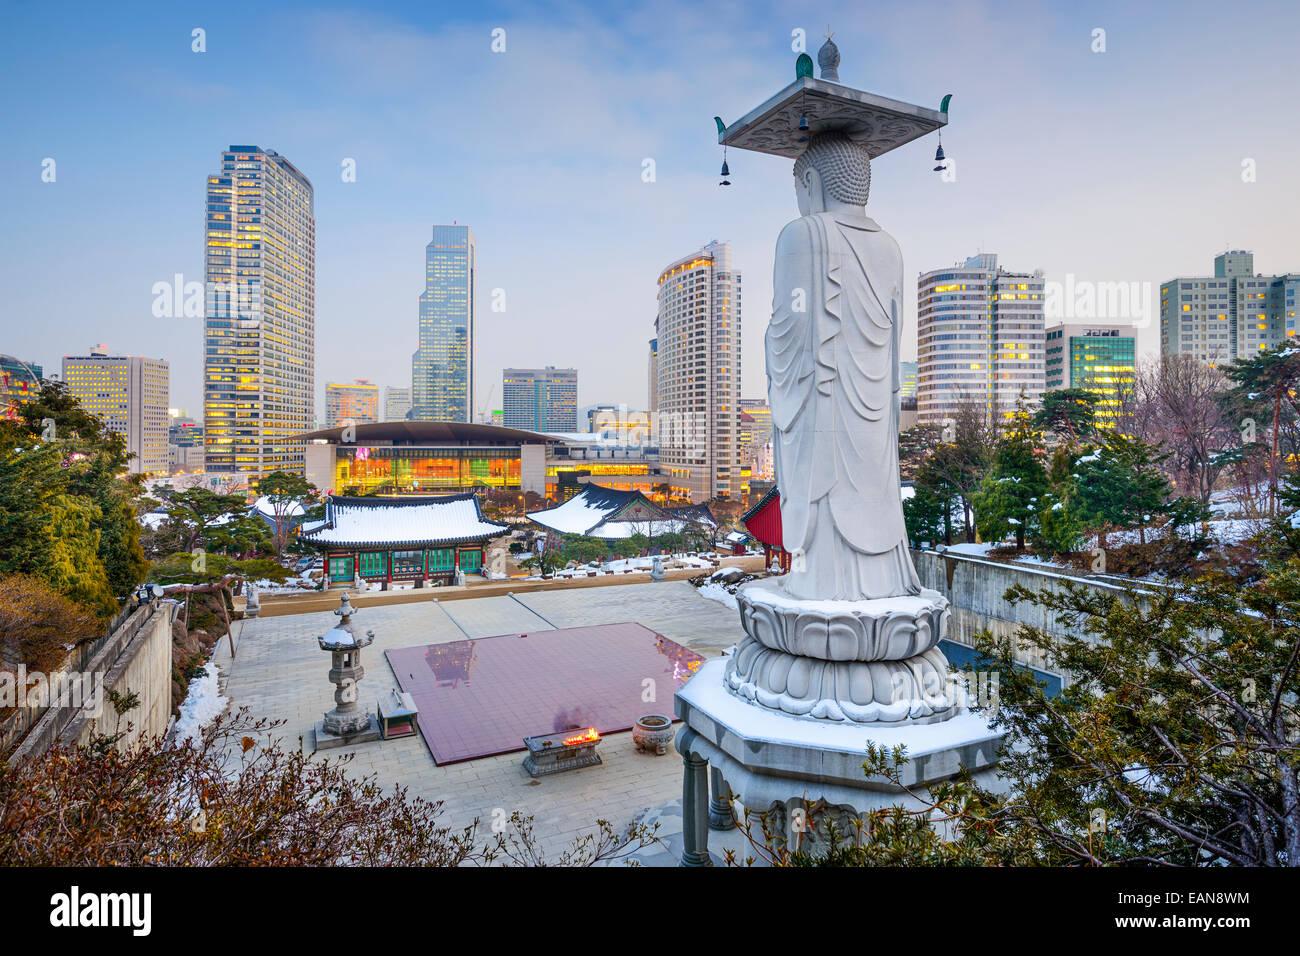 Seúl, Corea del Sur paisaje urbano en el distrito de Gangnam, visto desde el Templo Bongeunsa. Imagen De Stock